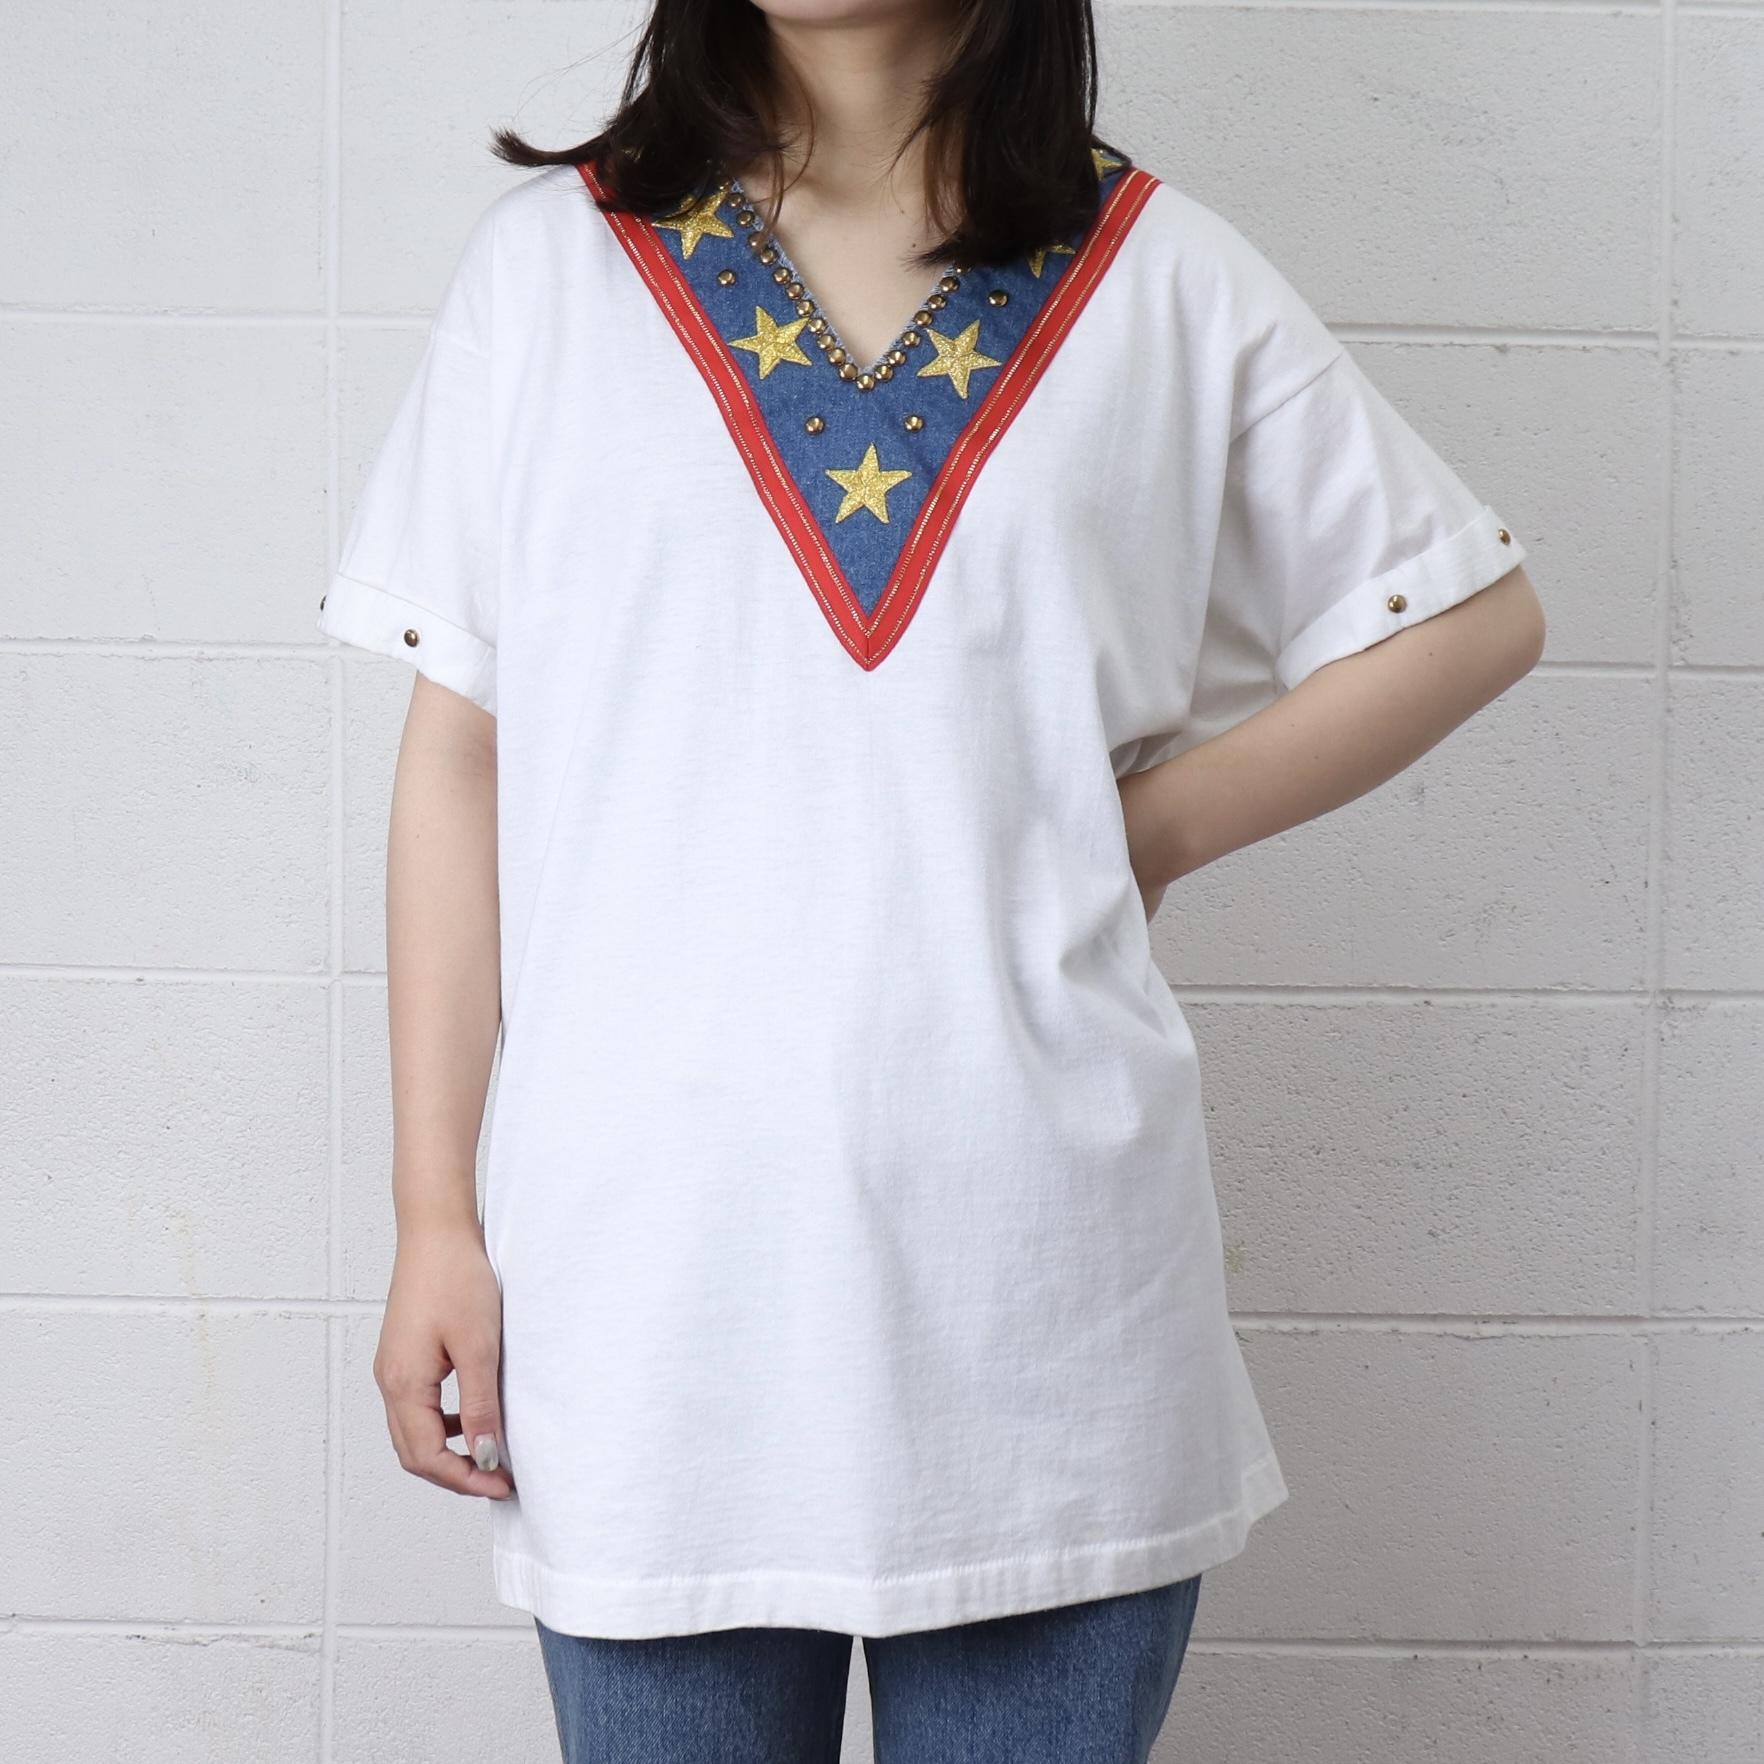 レディース 80年代 USA製 Vネック Tシャツ 星条旗 アメリカ 古着 ホワイト 日本L